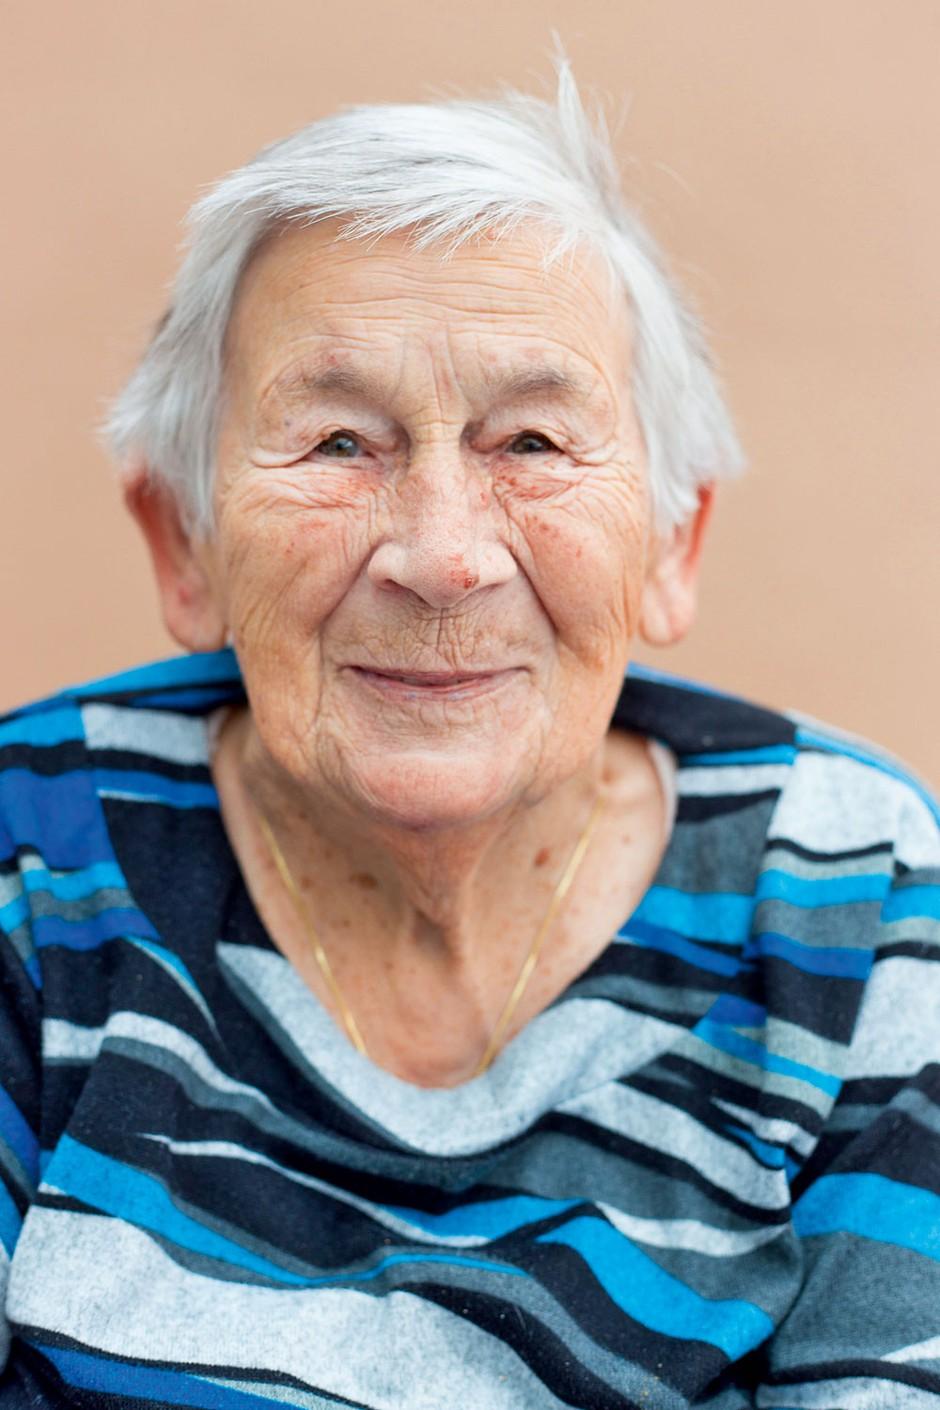 Frančiška, 91 let (foto: Martina Zaletel)